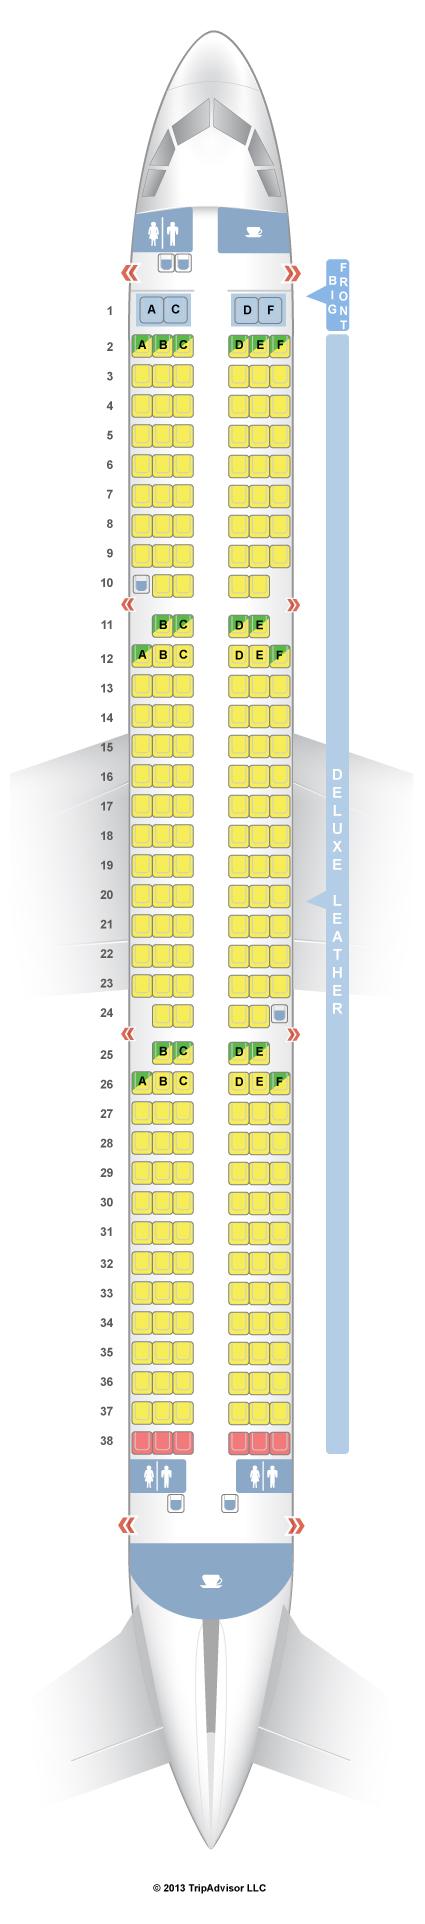 Delta Comfort FAQs  Delta Air Lines